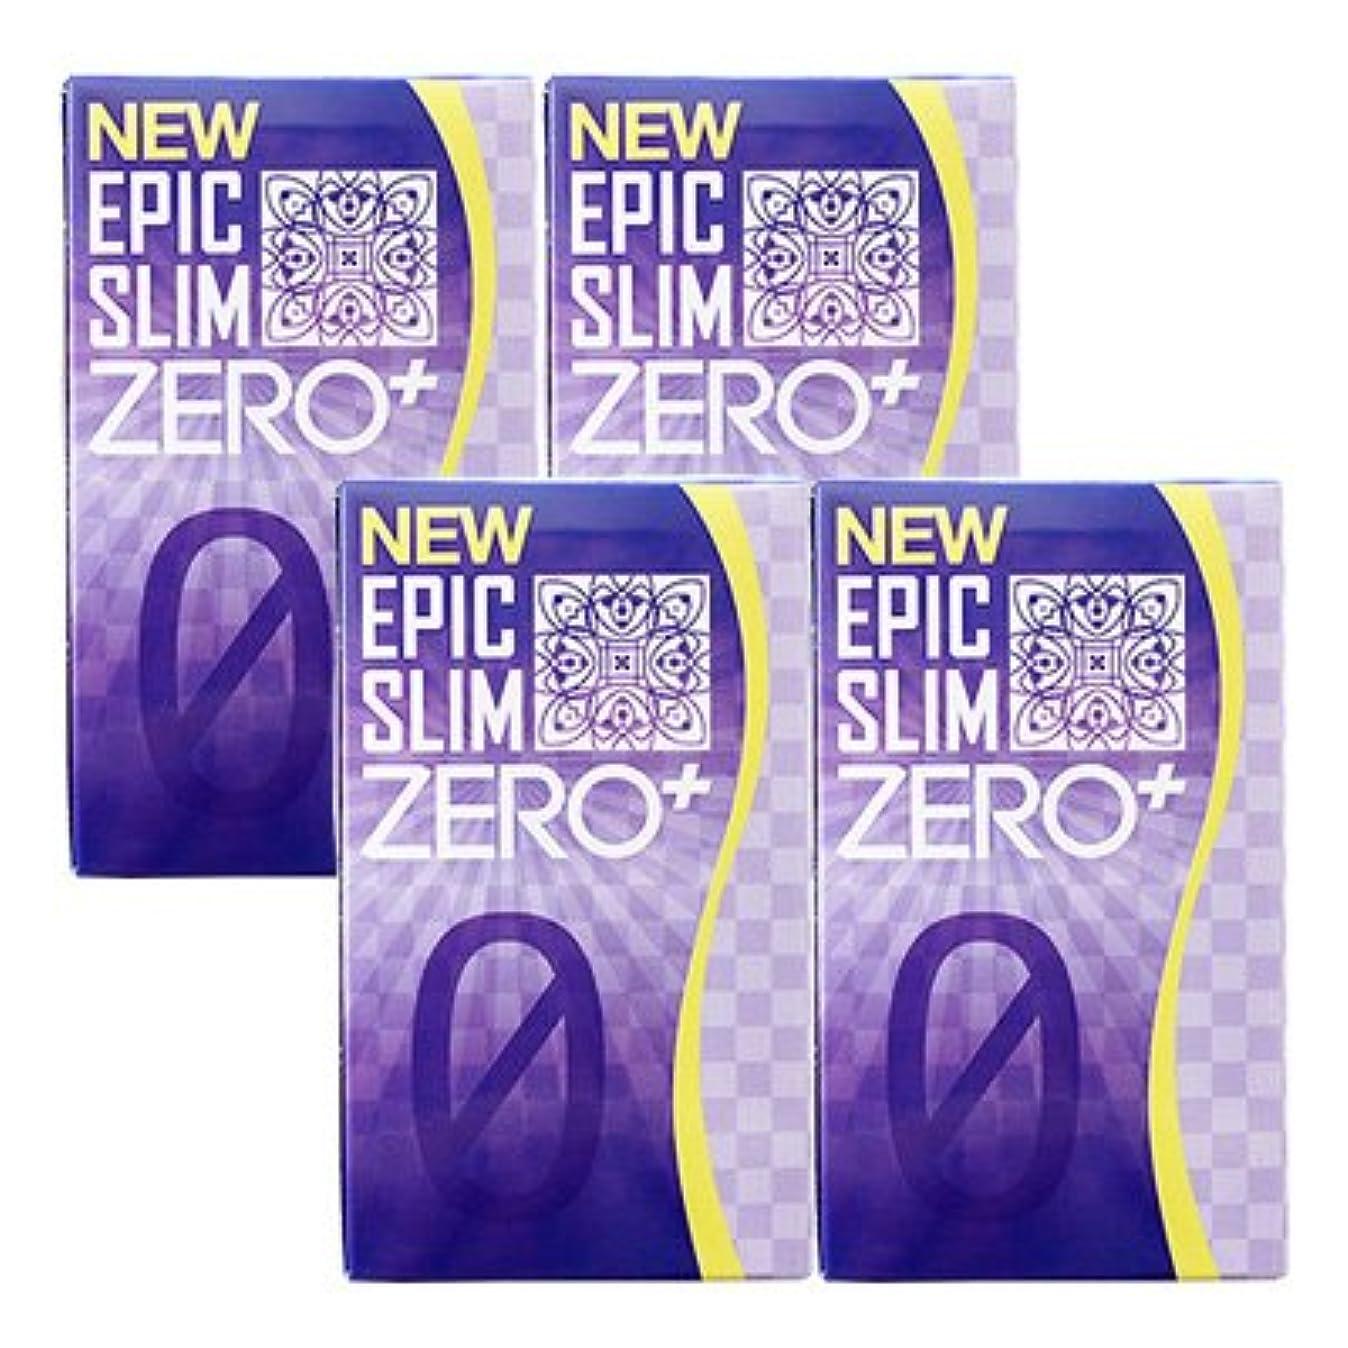 乱れやがて指標NEW エピックスリム ゼロ+ 4個セット NEW Epic Slim ZERO PLUS